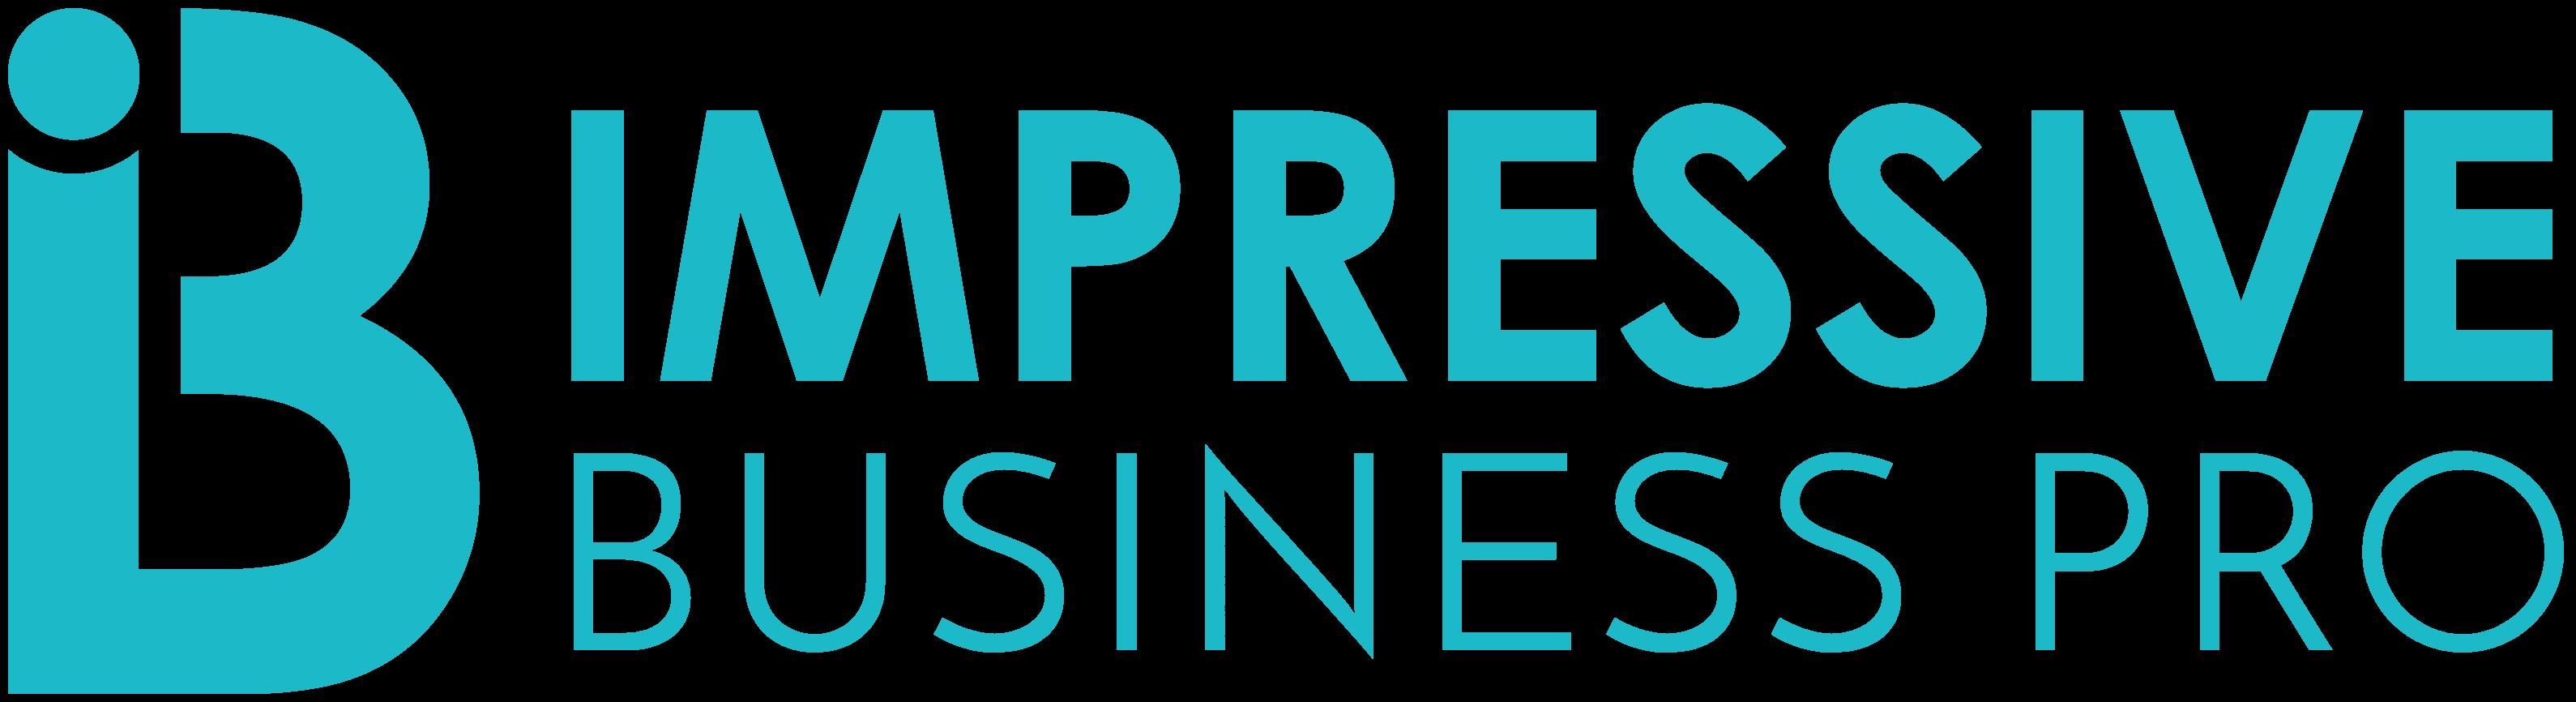 Impressive Business Pro